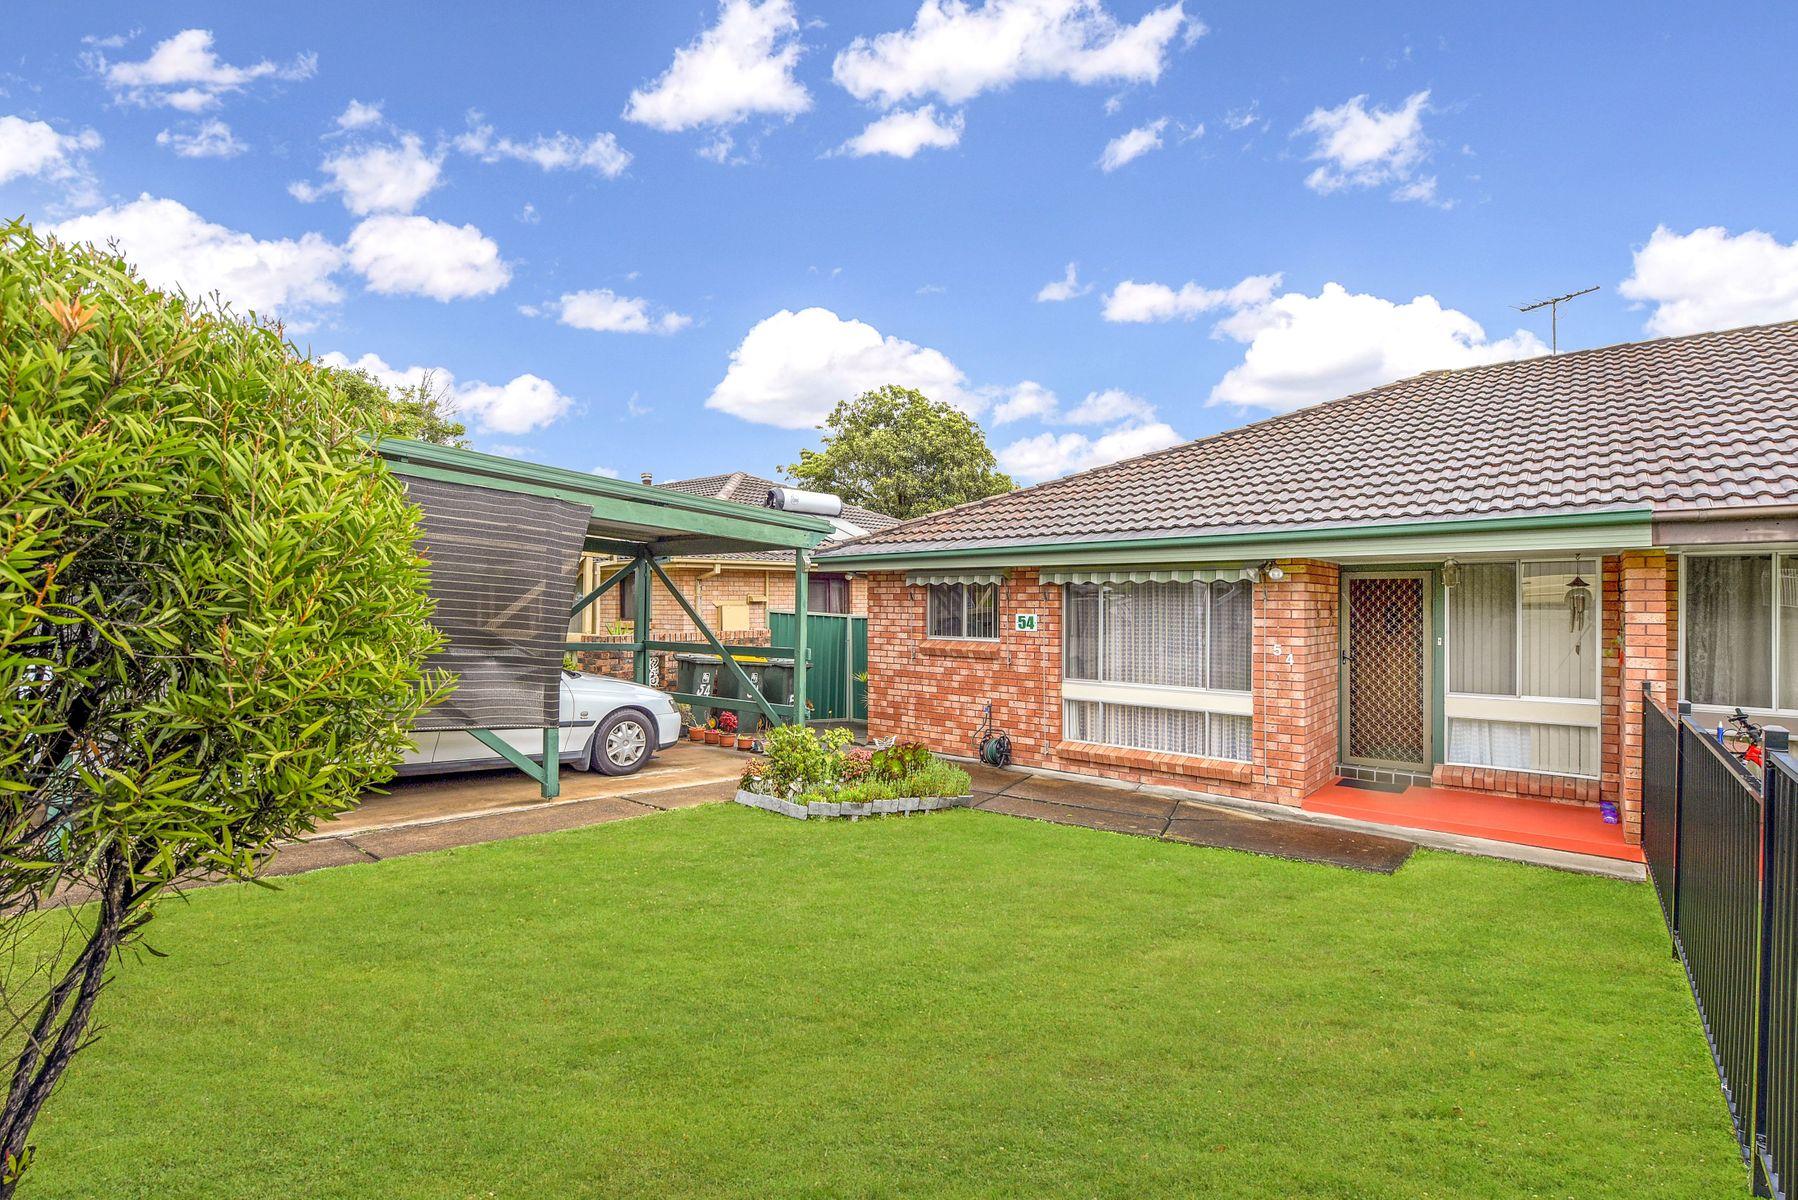 54 Fenton Crescent, Minto, NSW 2566